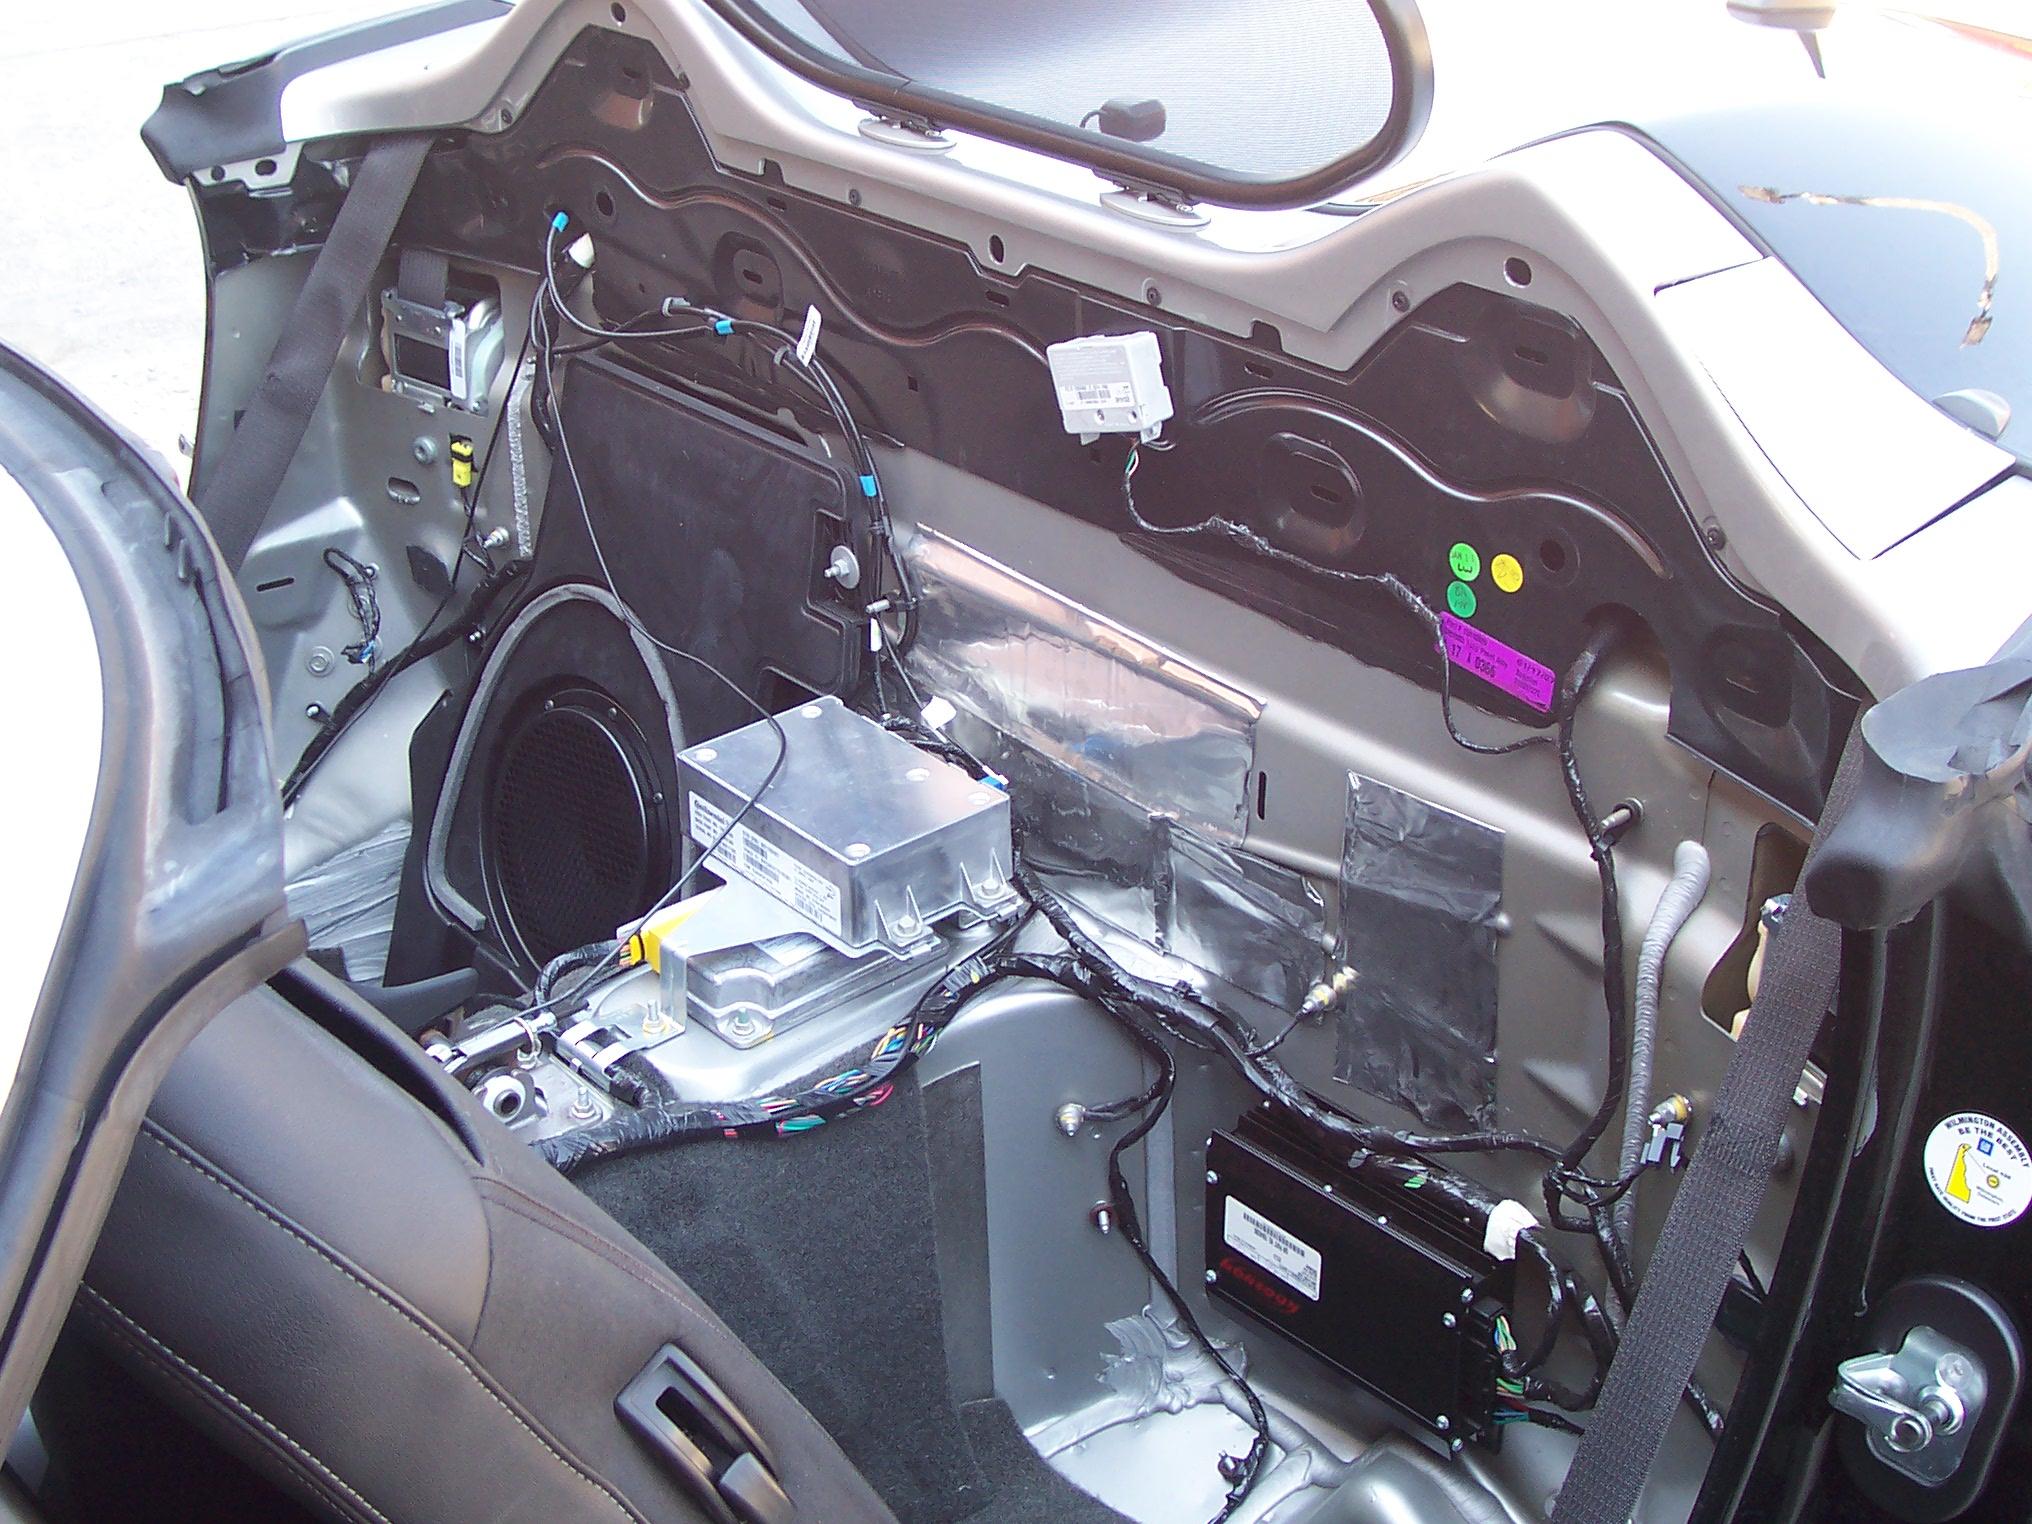 Pics of Speaker/Amp Install-100_3613.jpg